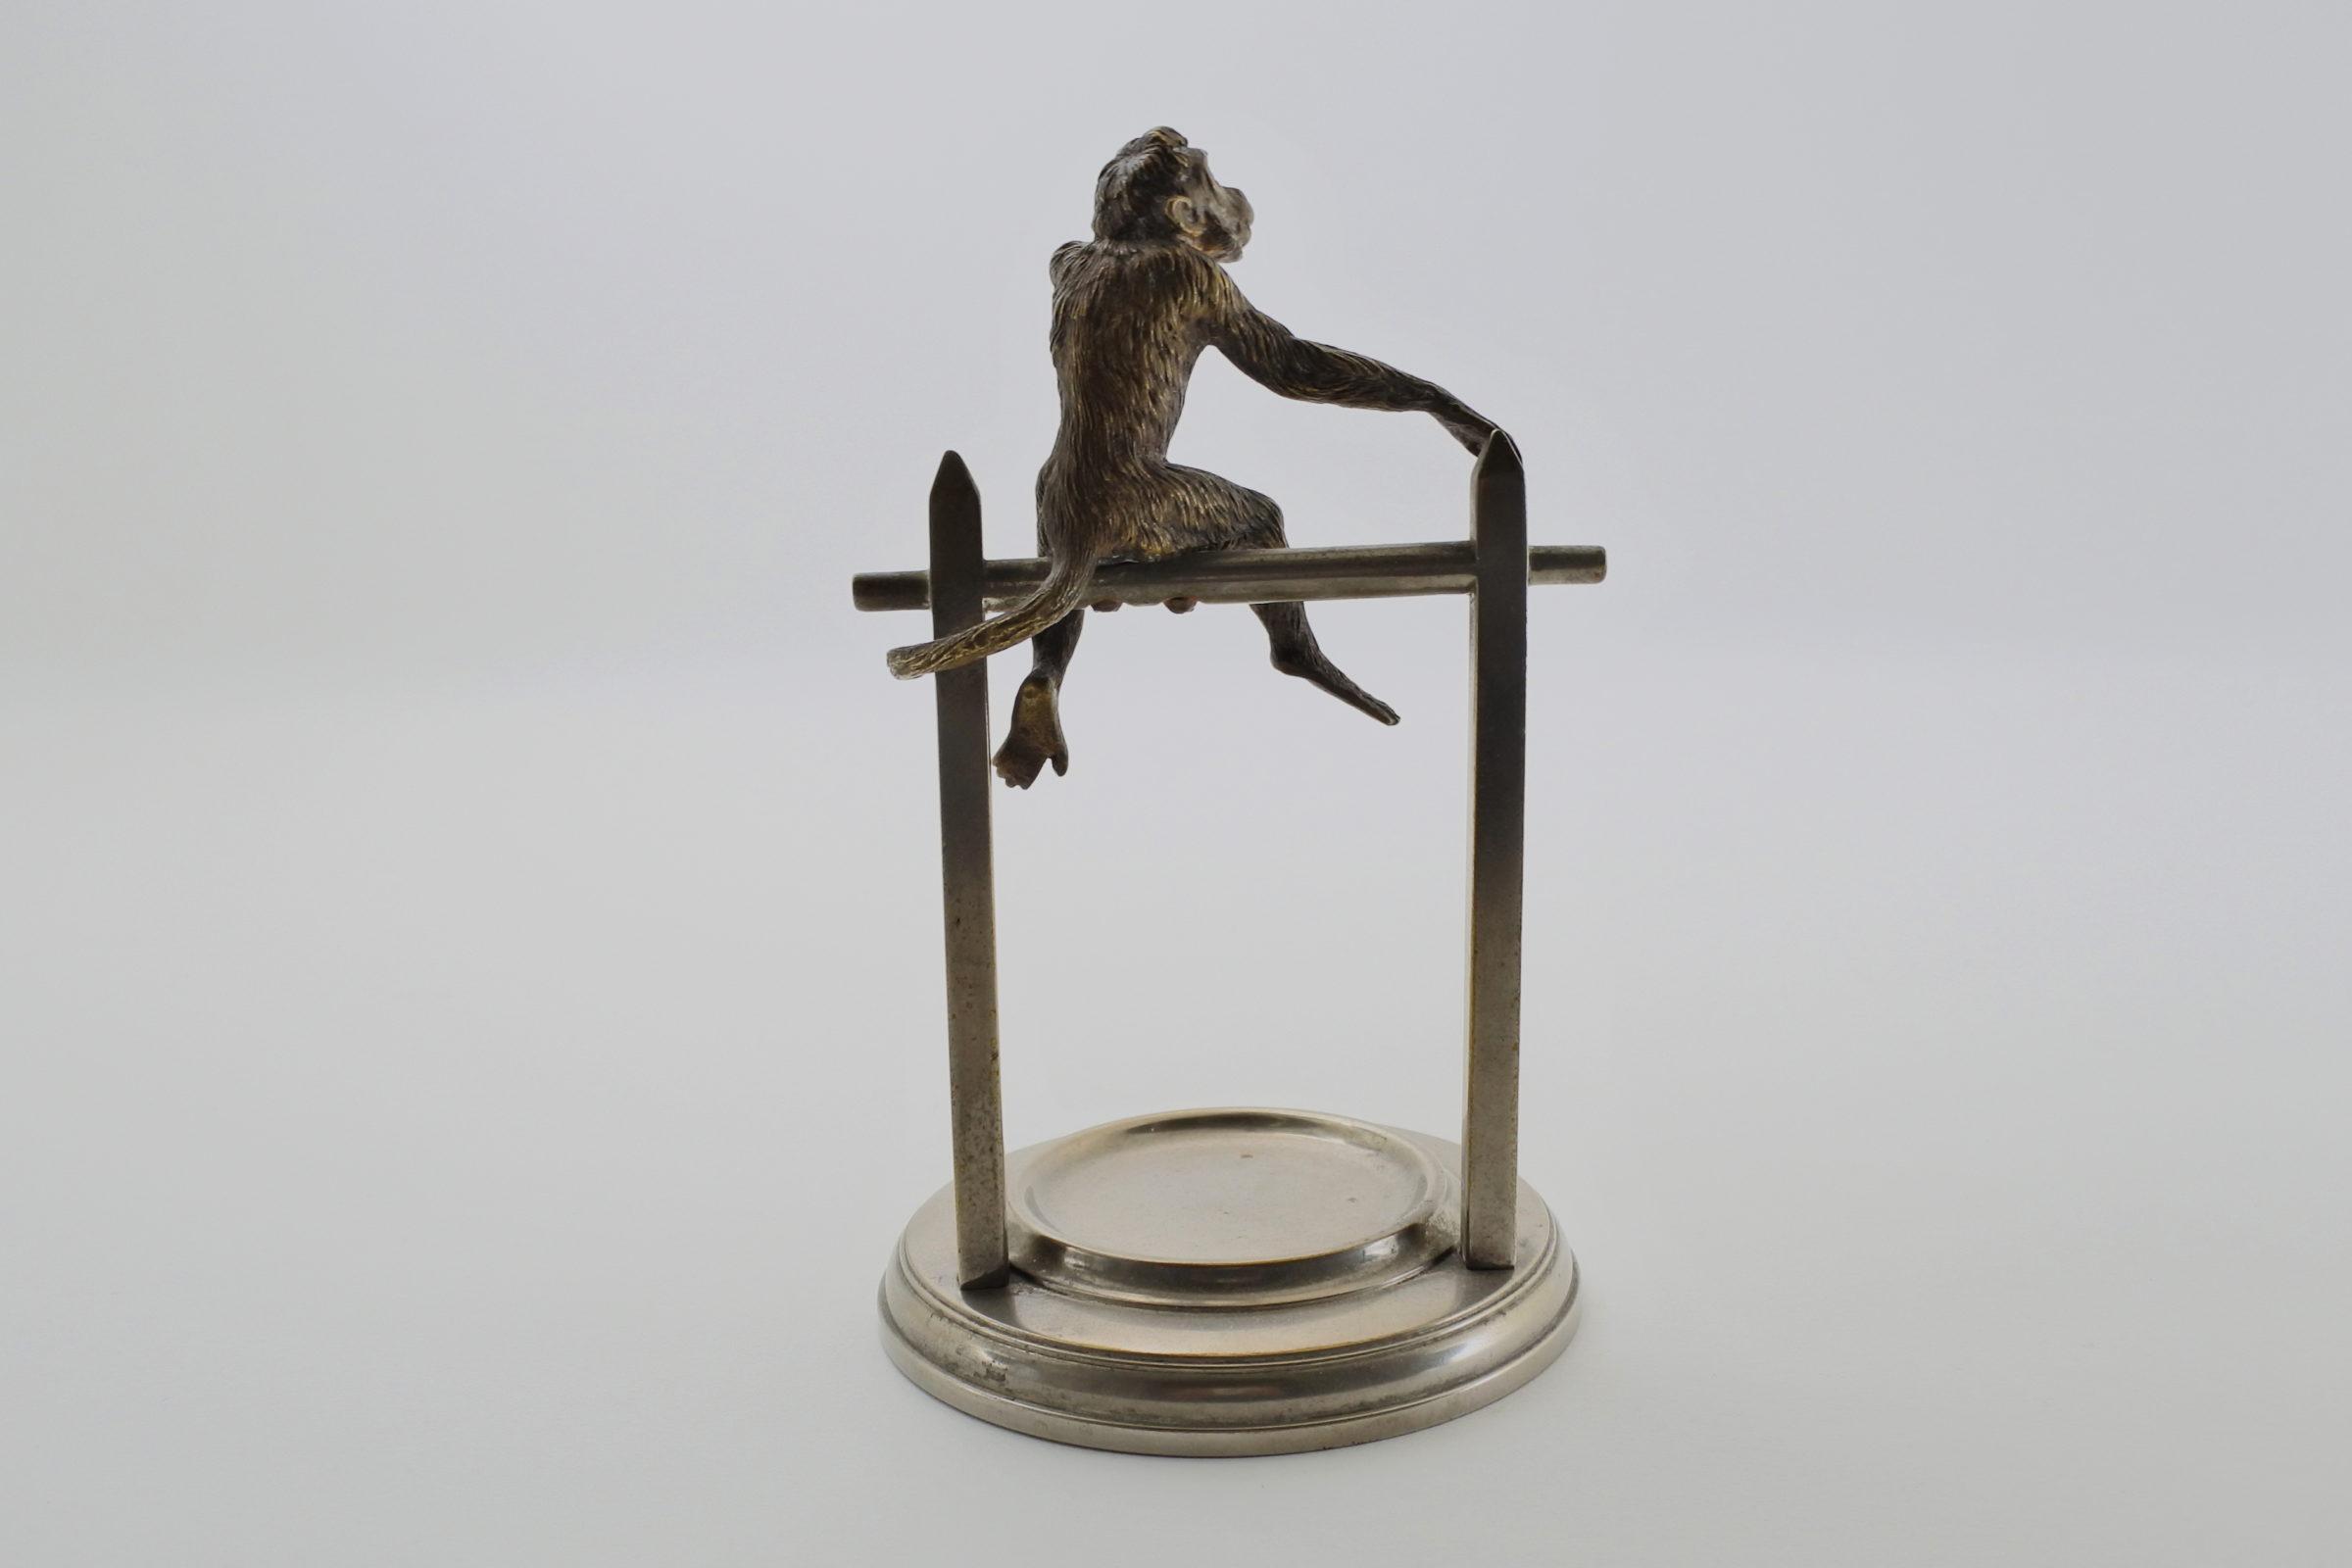 Portaorologi con scimmia in bronzo di Vienna su supporto in ottone cromato - 3